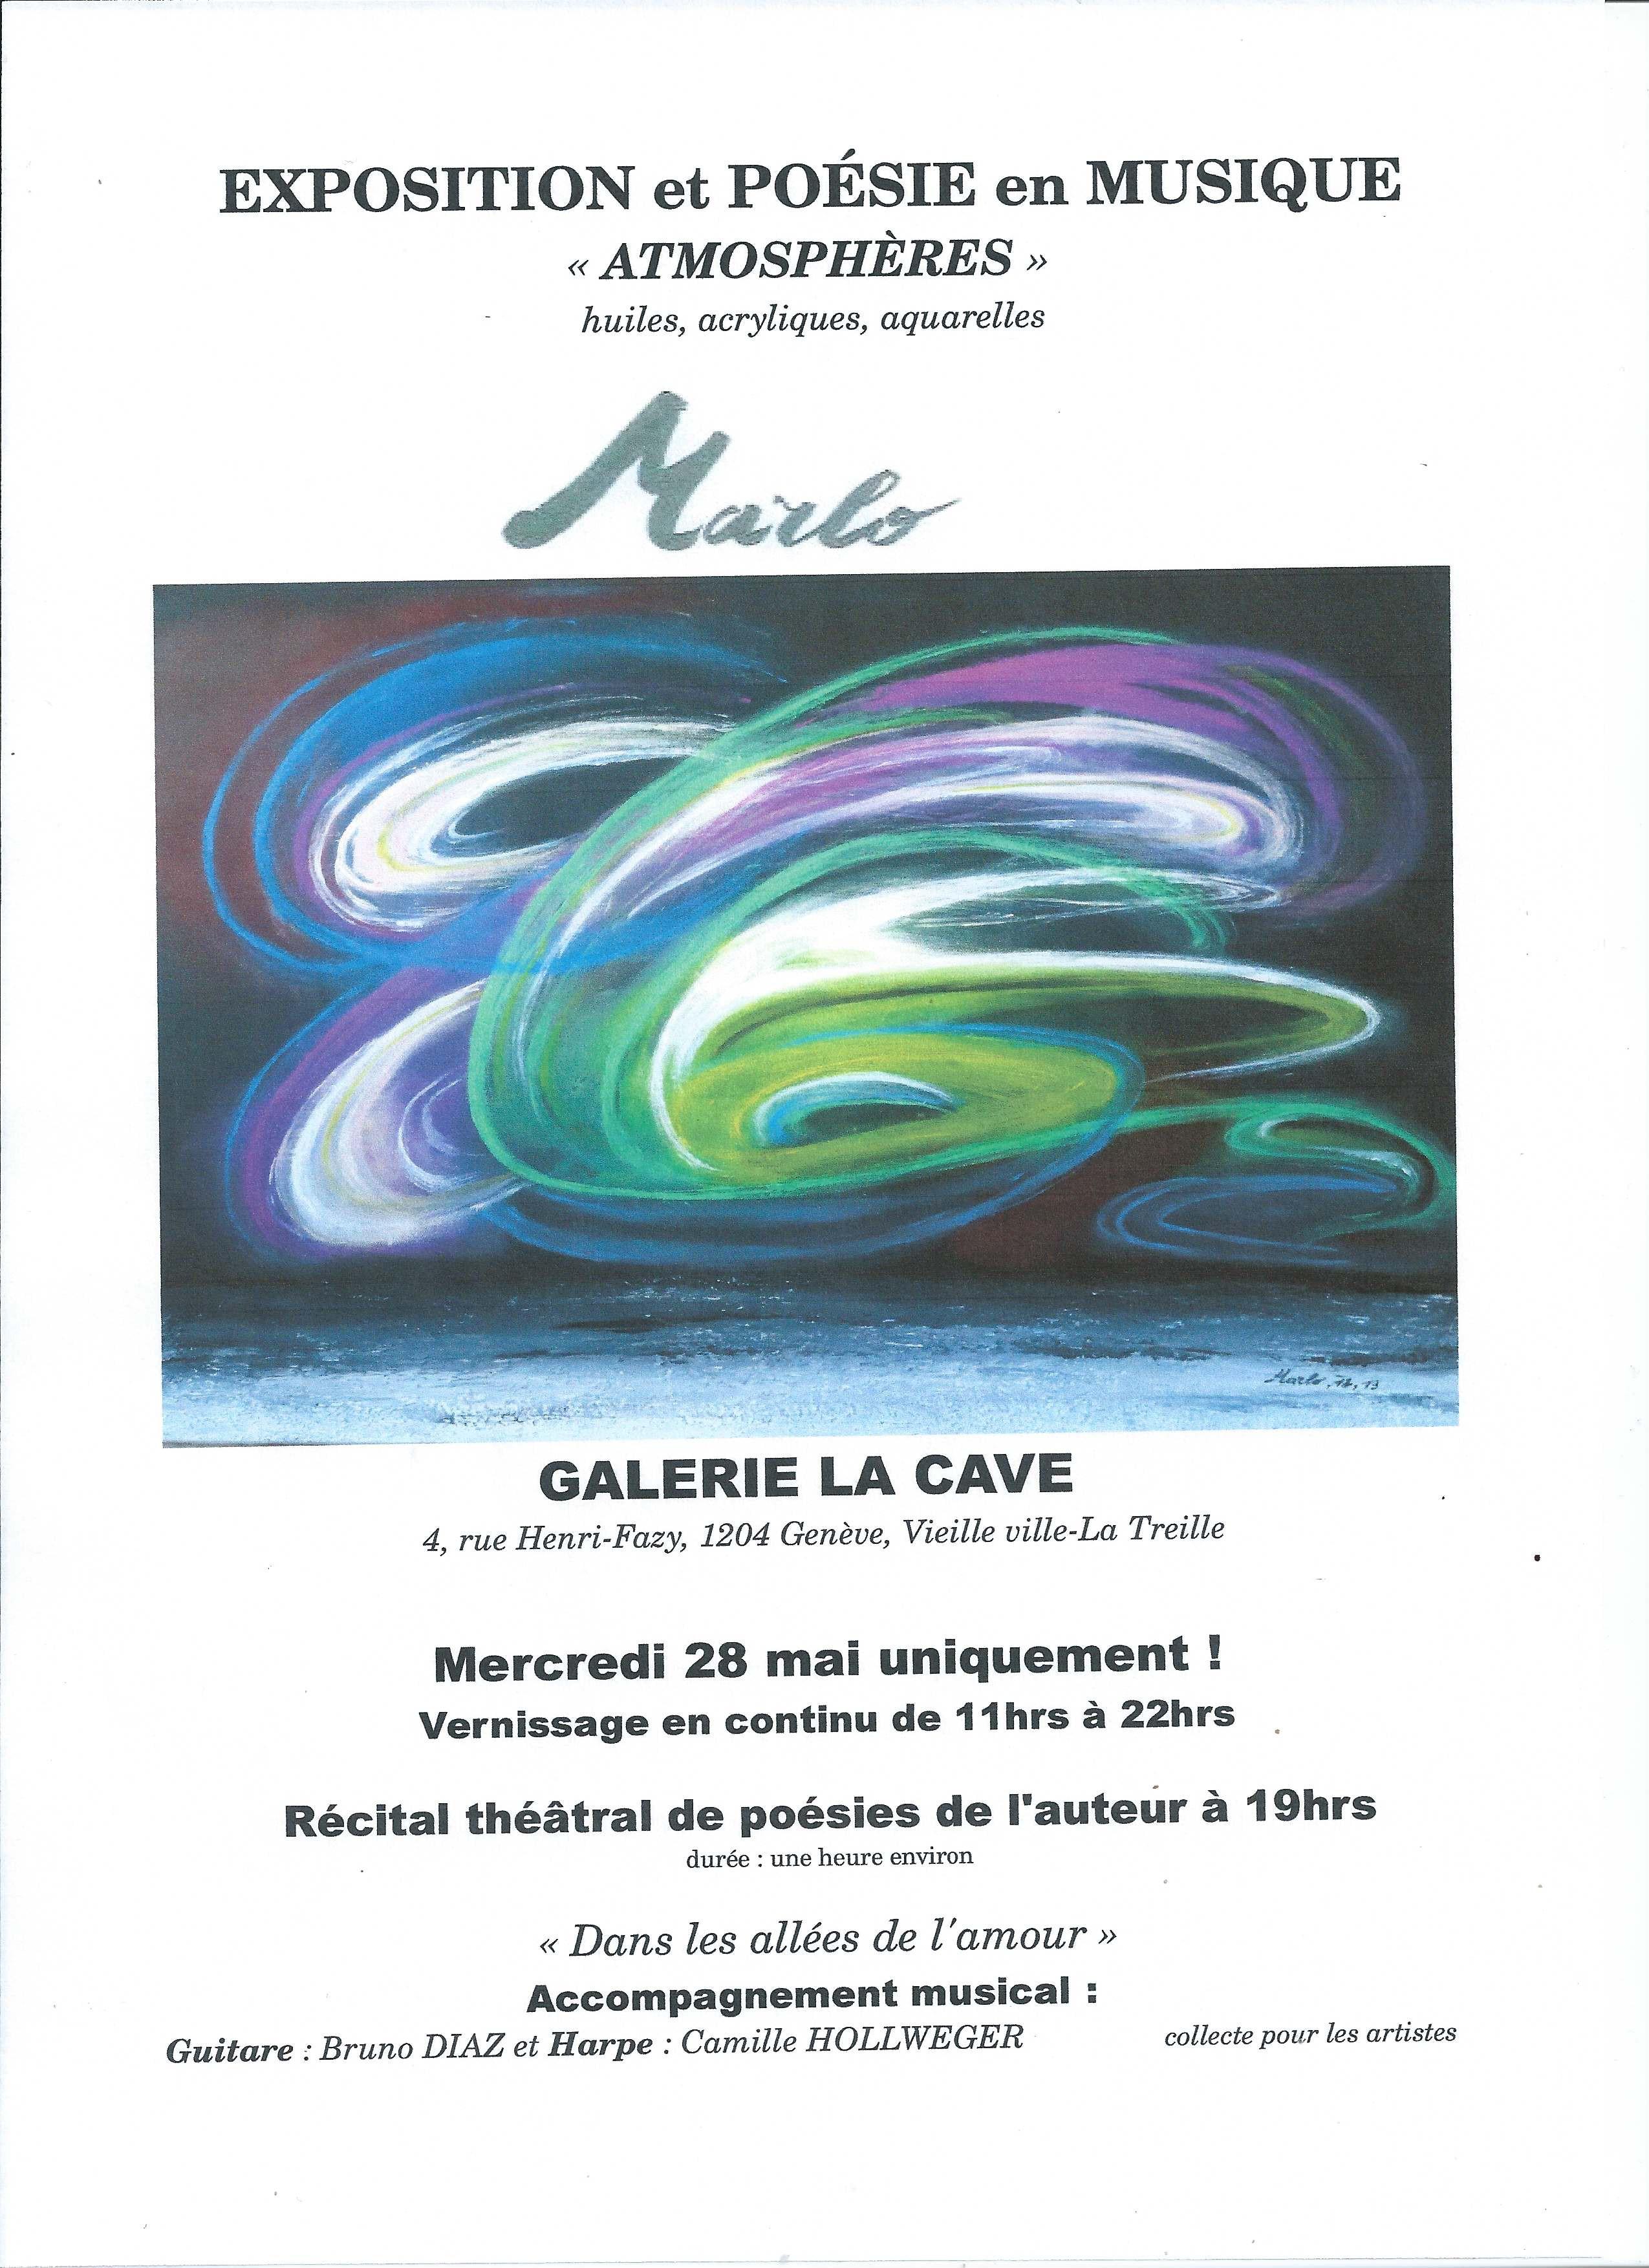 Invitation-Expo-La-CAVE-28.05.2014